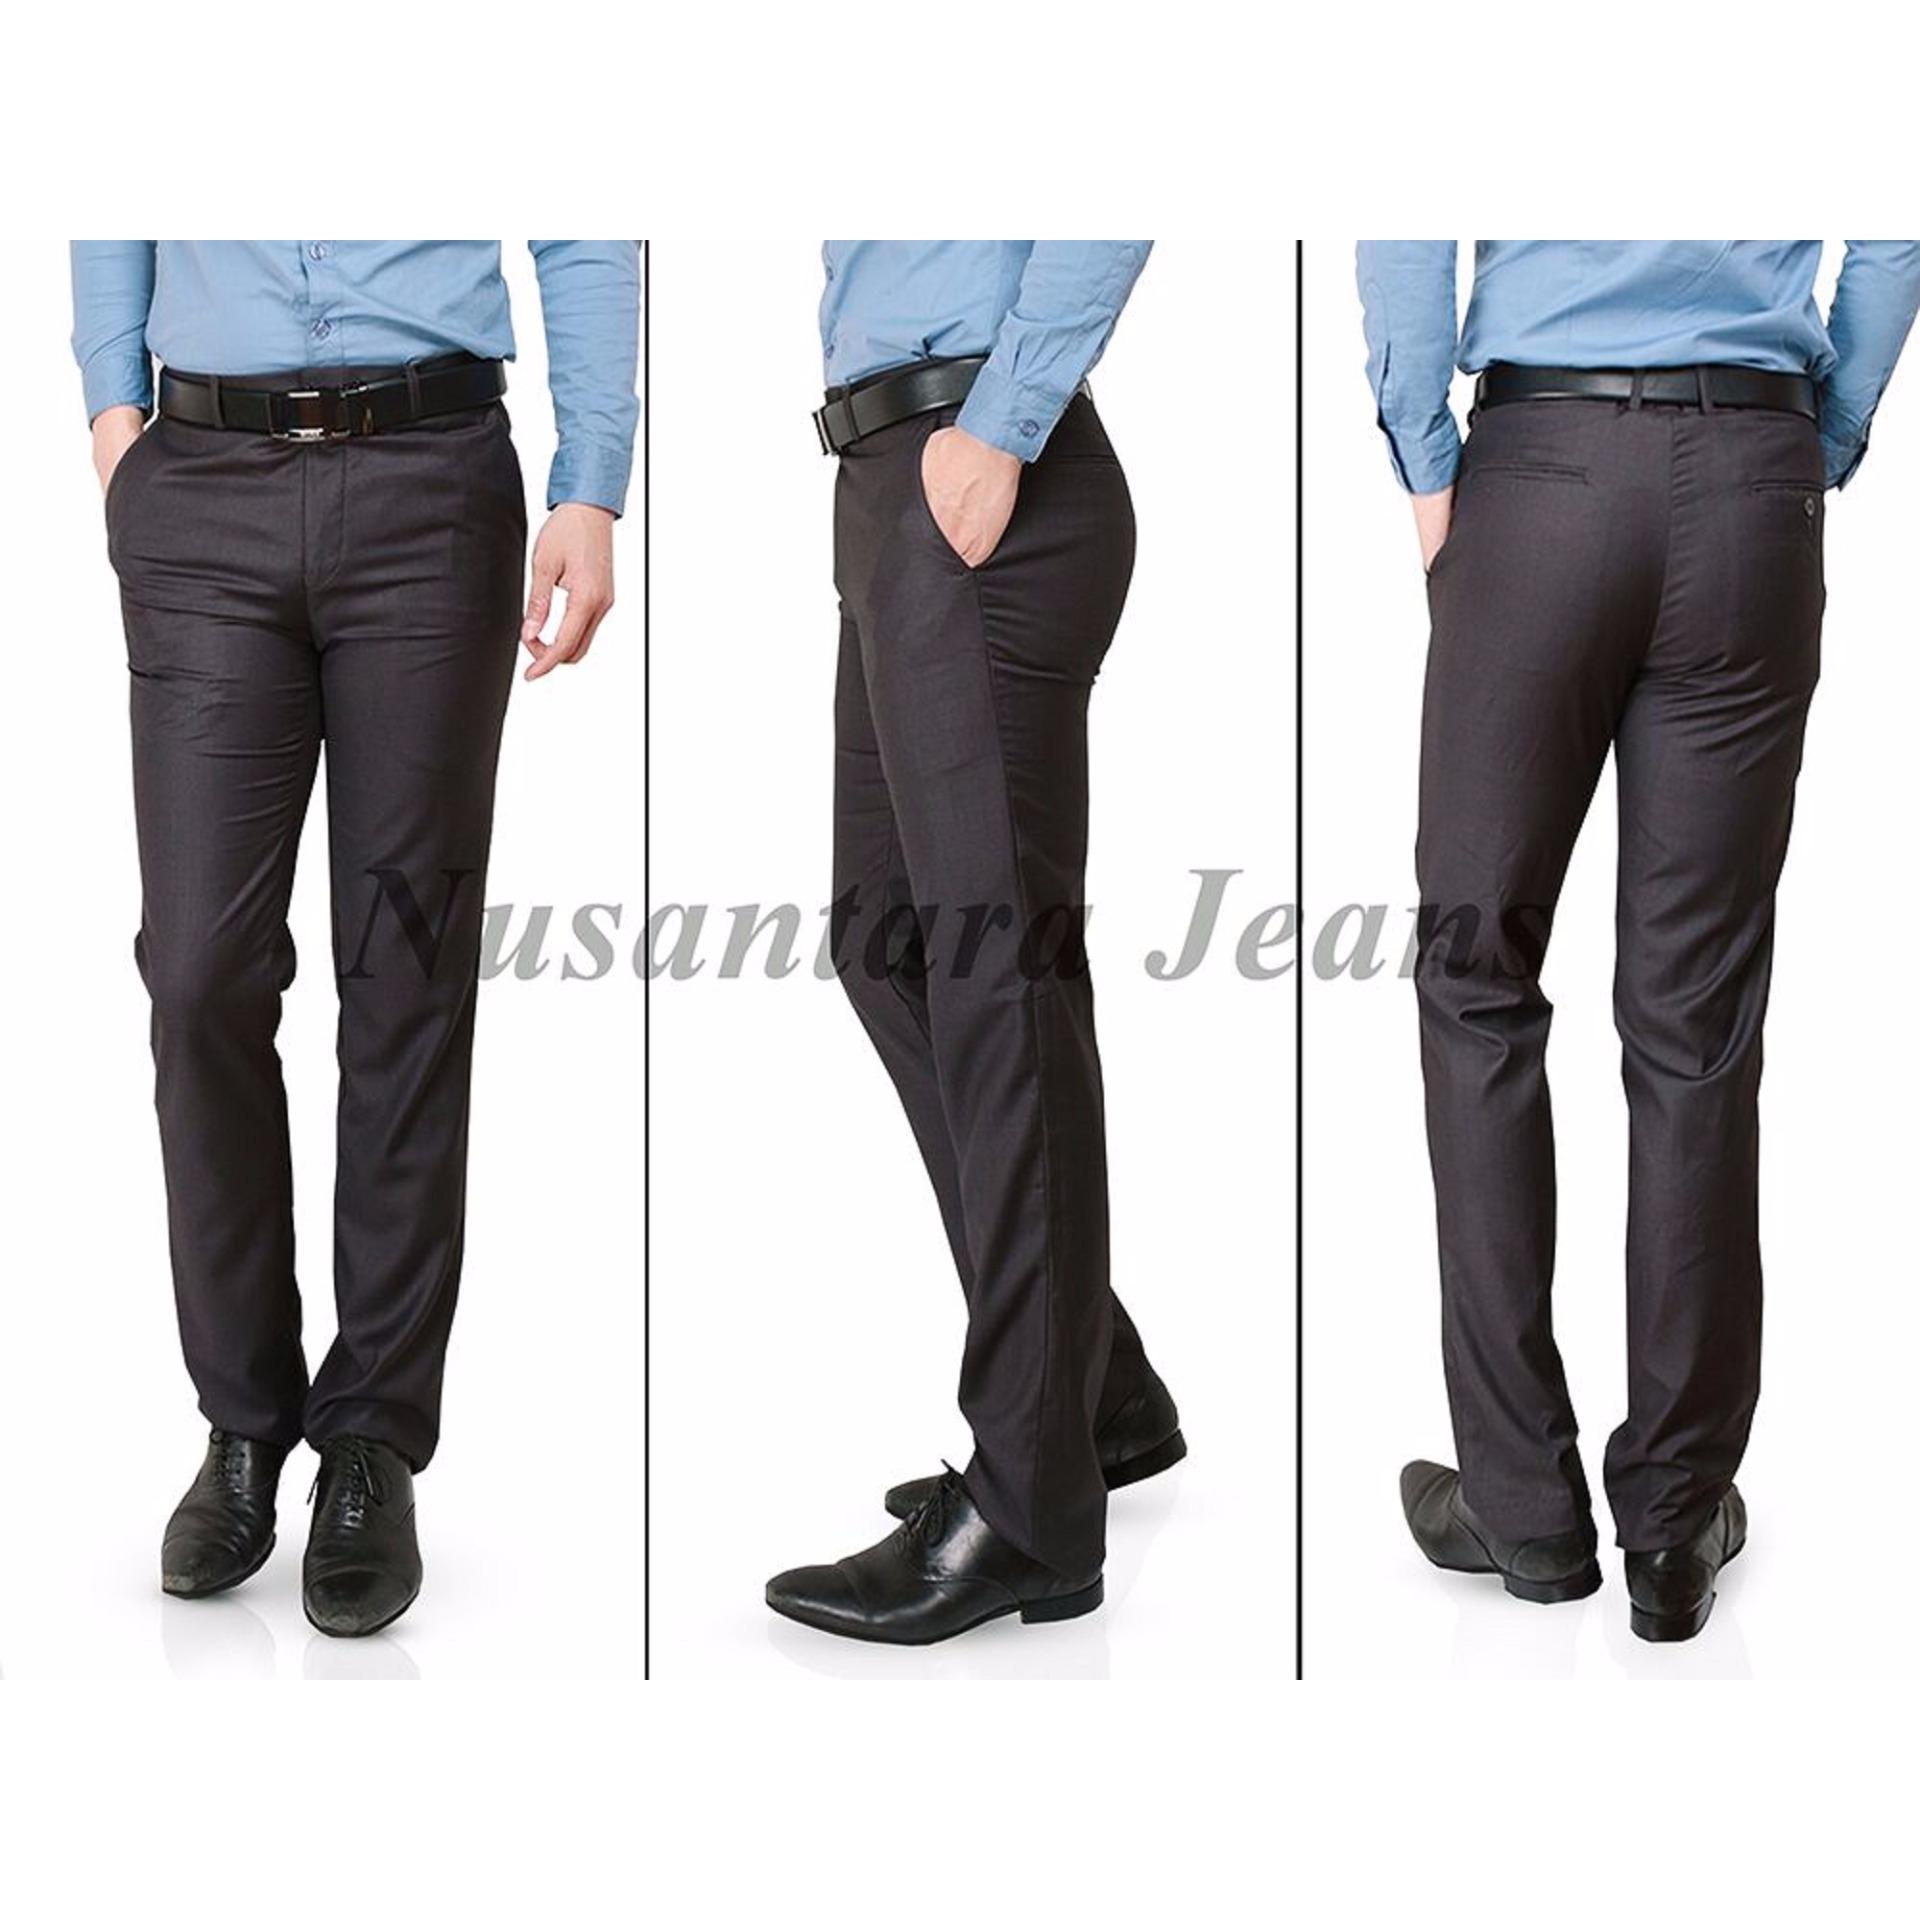 Harga De Paoli Celana Bahan Premium Slim Fit Abu Tua Paling Murah